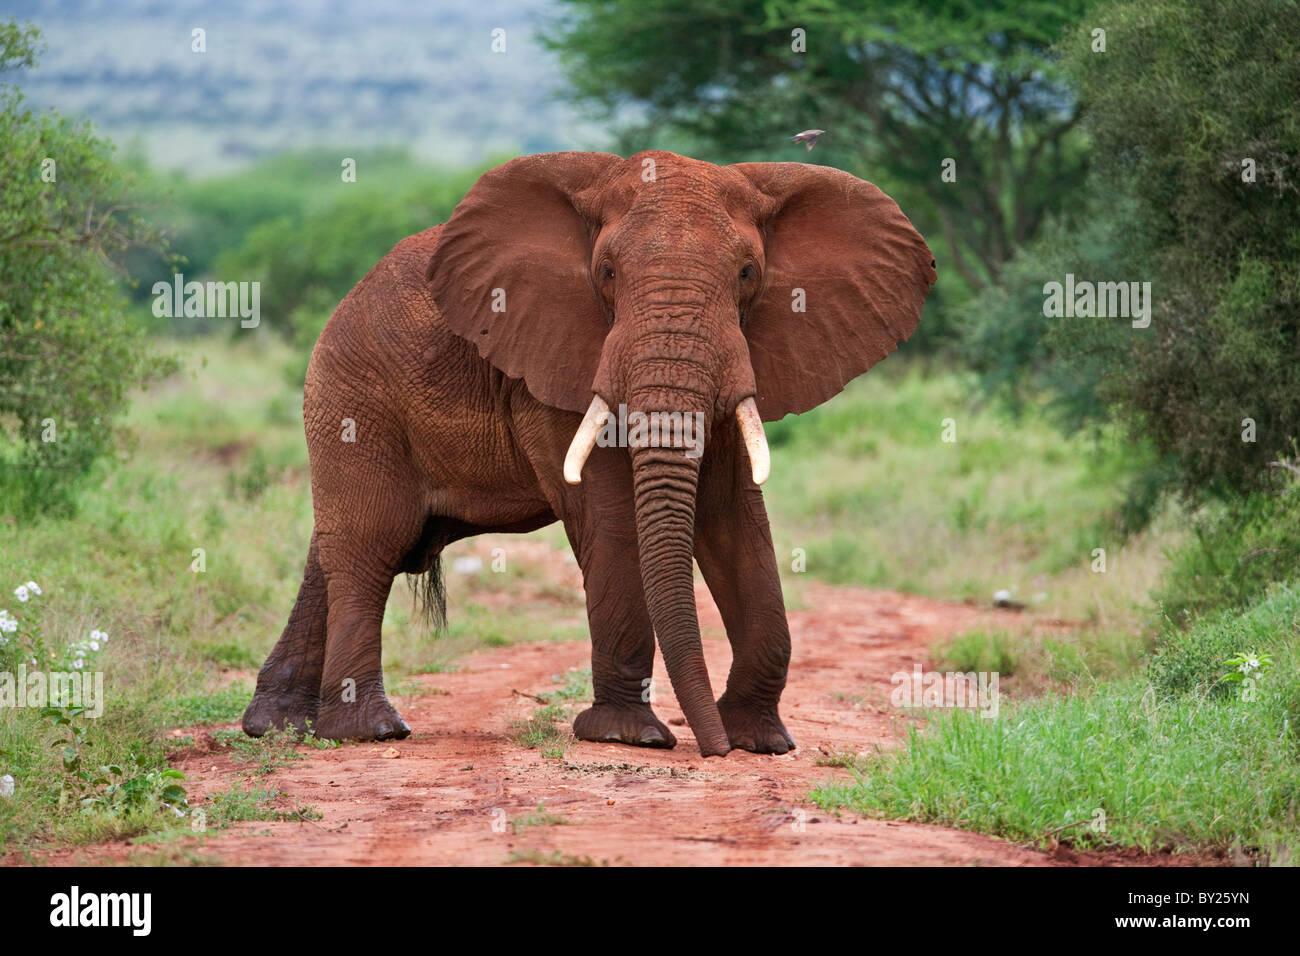 Un éléphant couvert de poussière rouge bloque une voie au Kenya, le parc national de Tsavo Ouest. Photo Stock